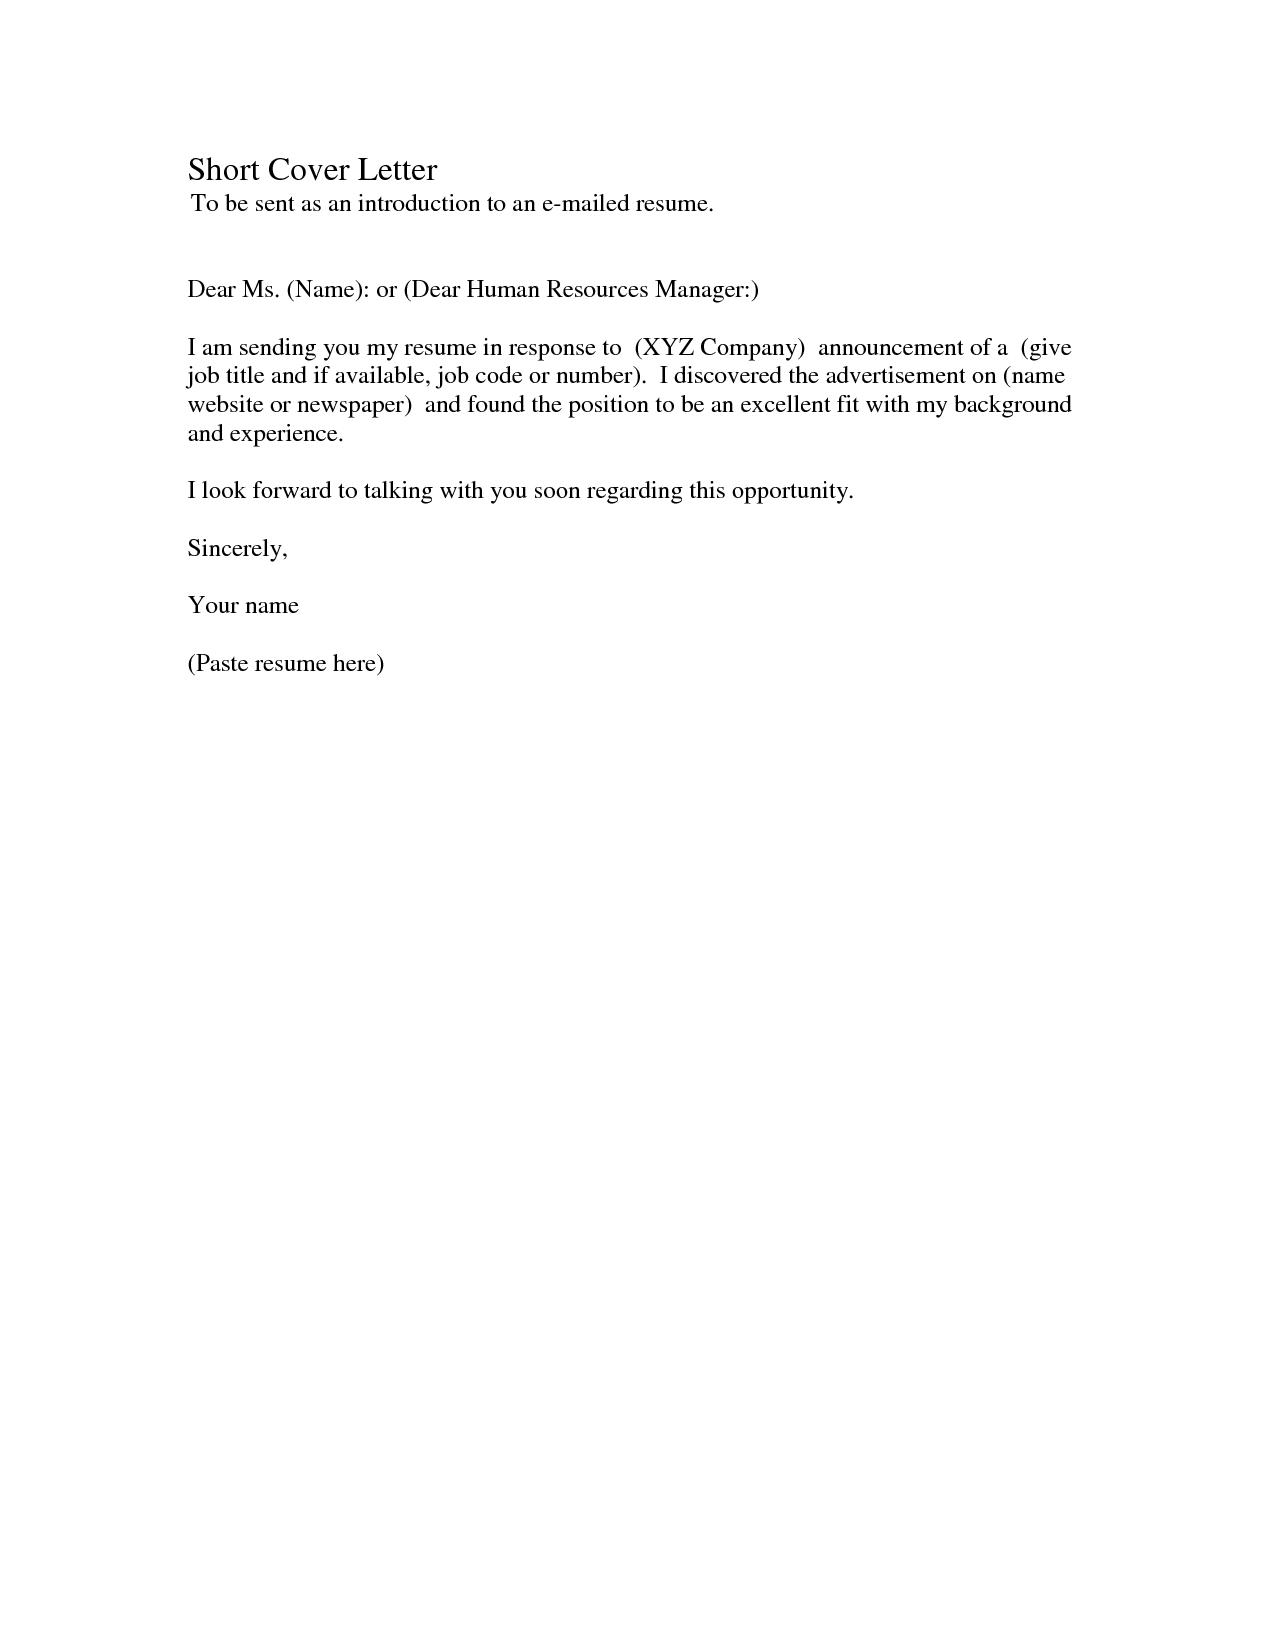 Cover Letter Template Short , cover CoverLetterTemplate letter ...